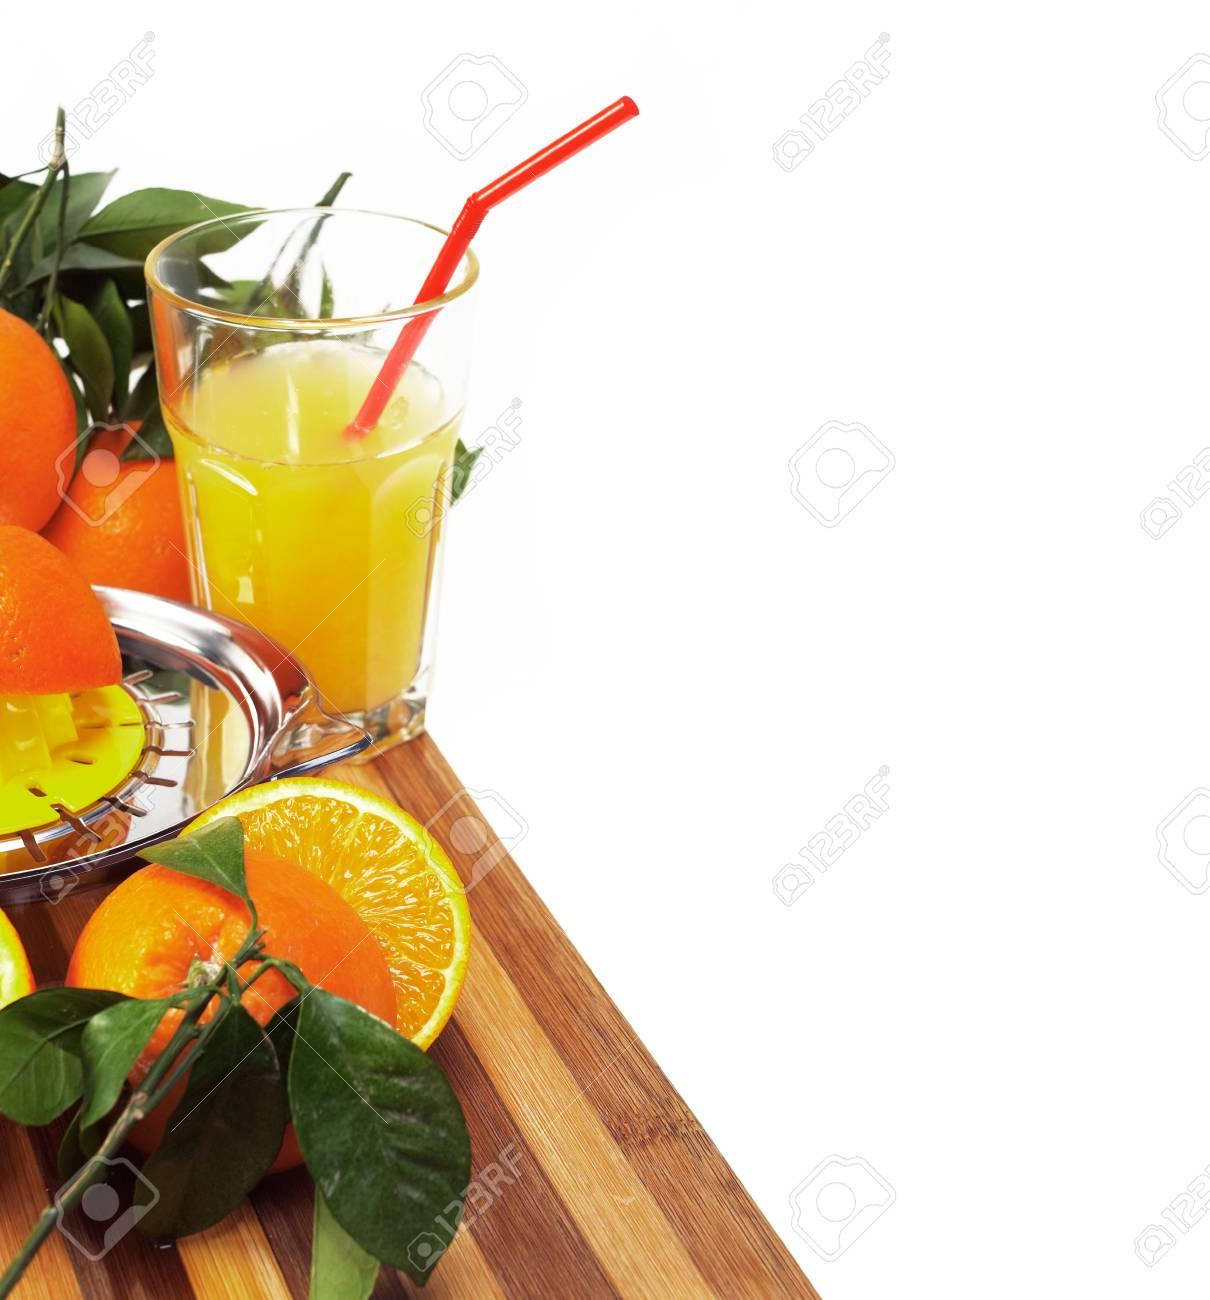 making fresh orange juice over white Stock Photo - 11888965